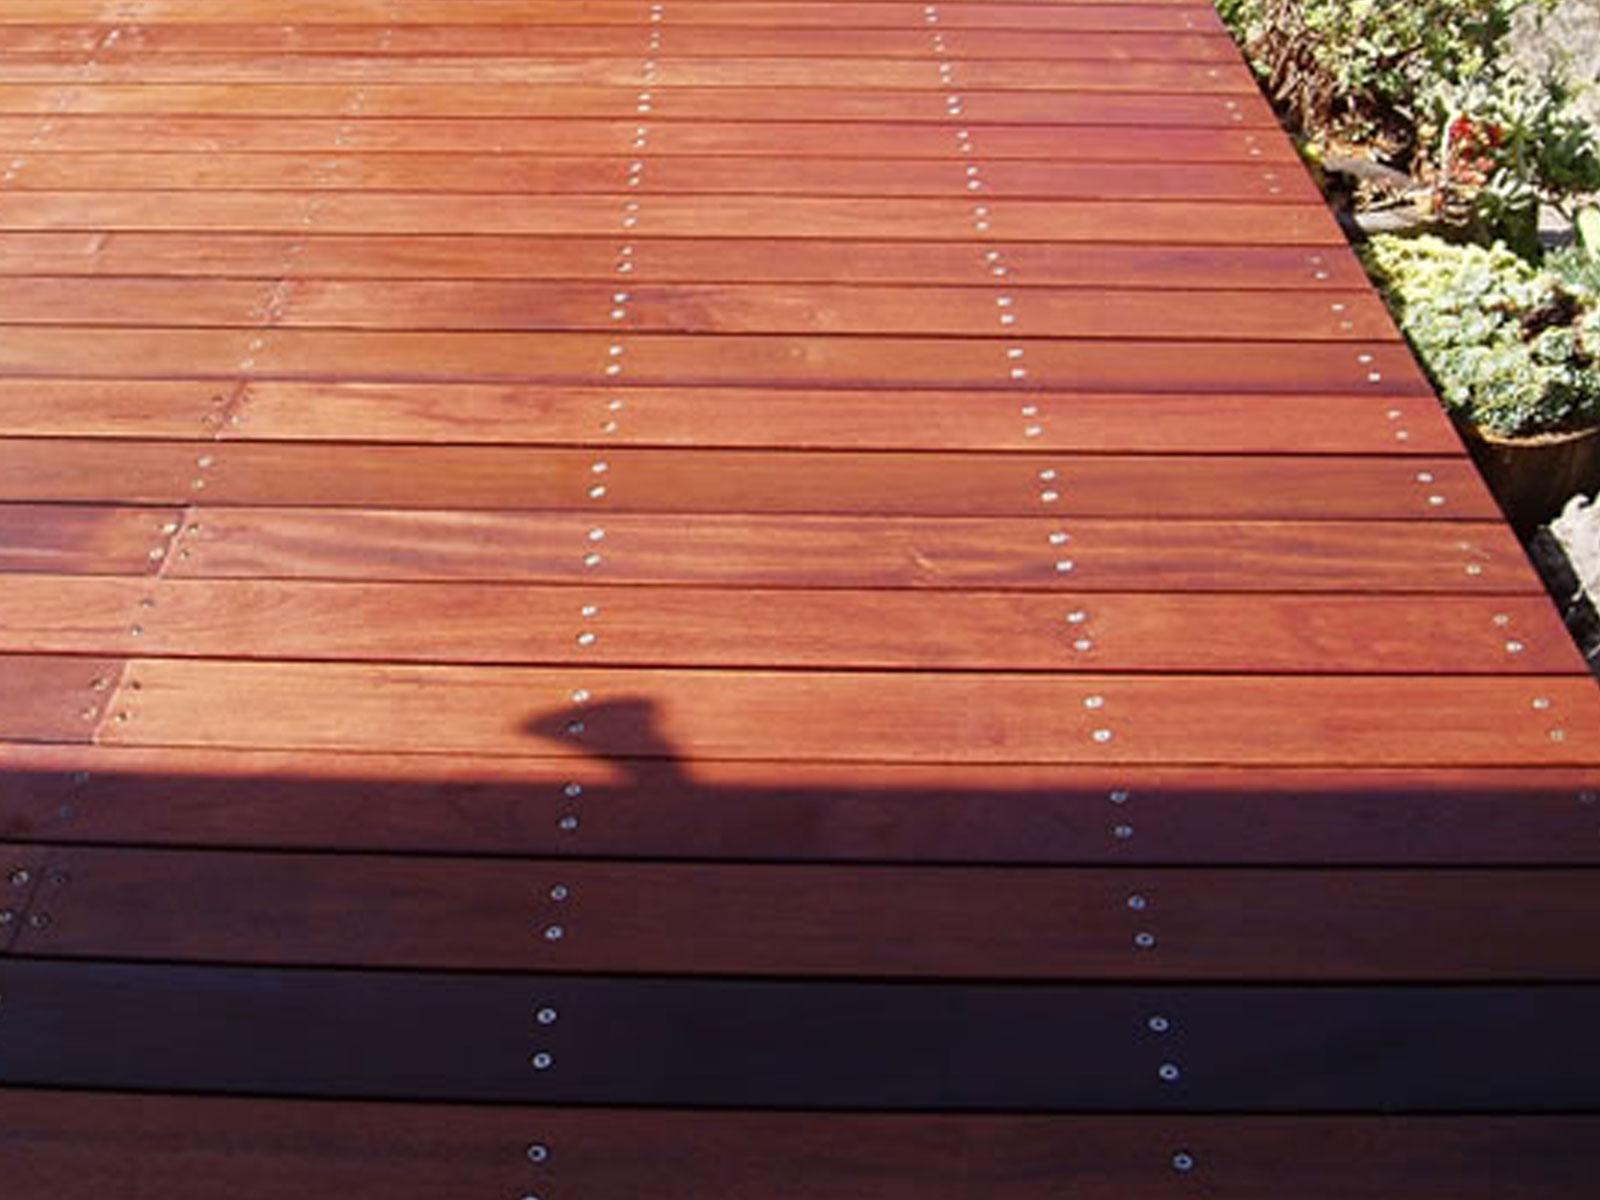 Northern box decking supplies australian hardwood timber for Hardwood decking supply